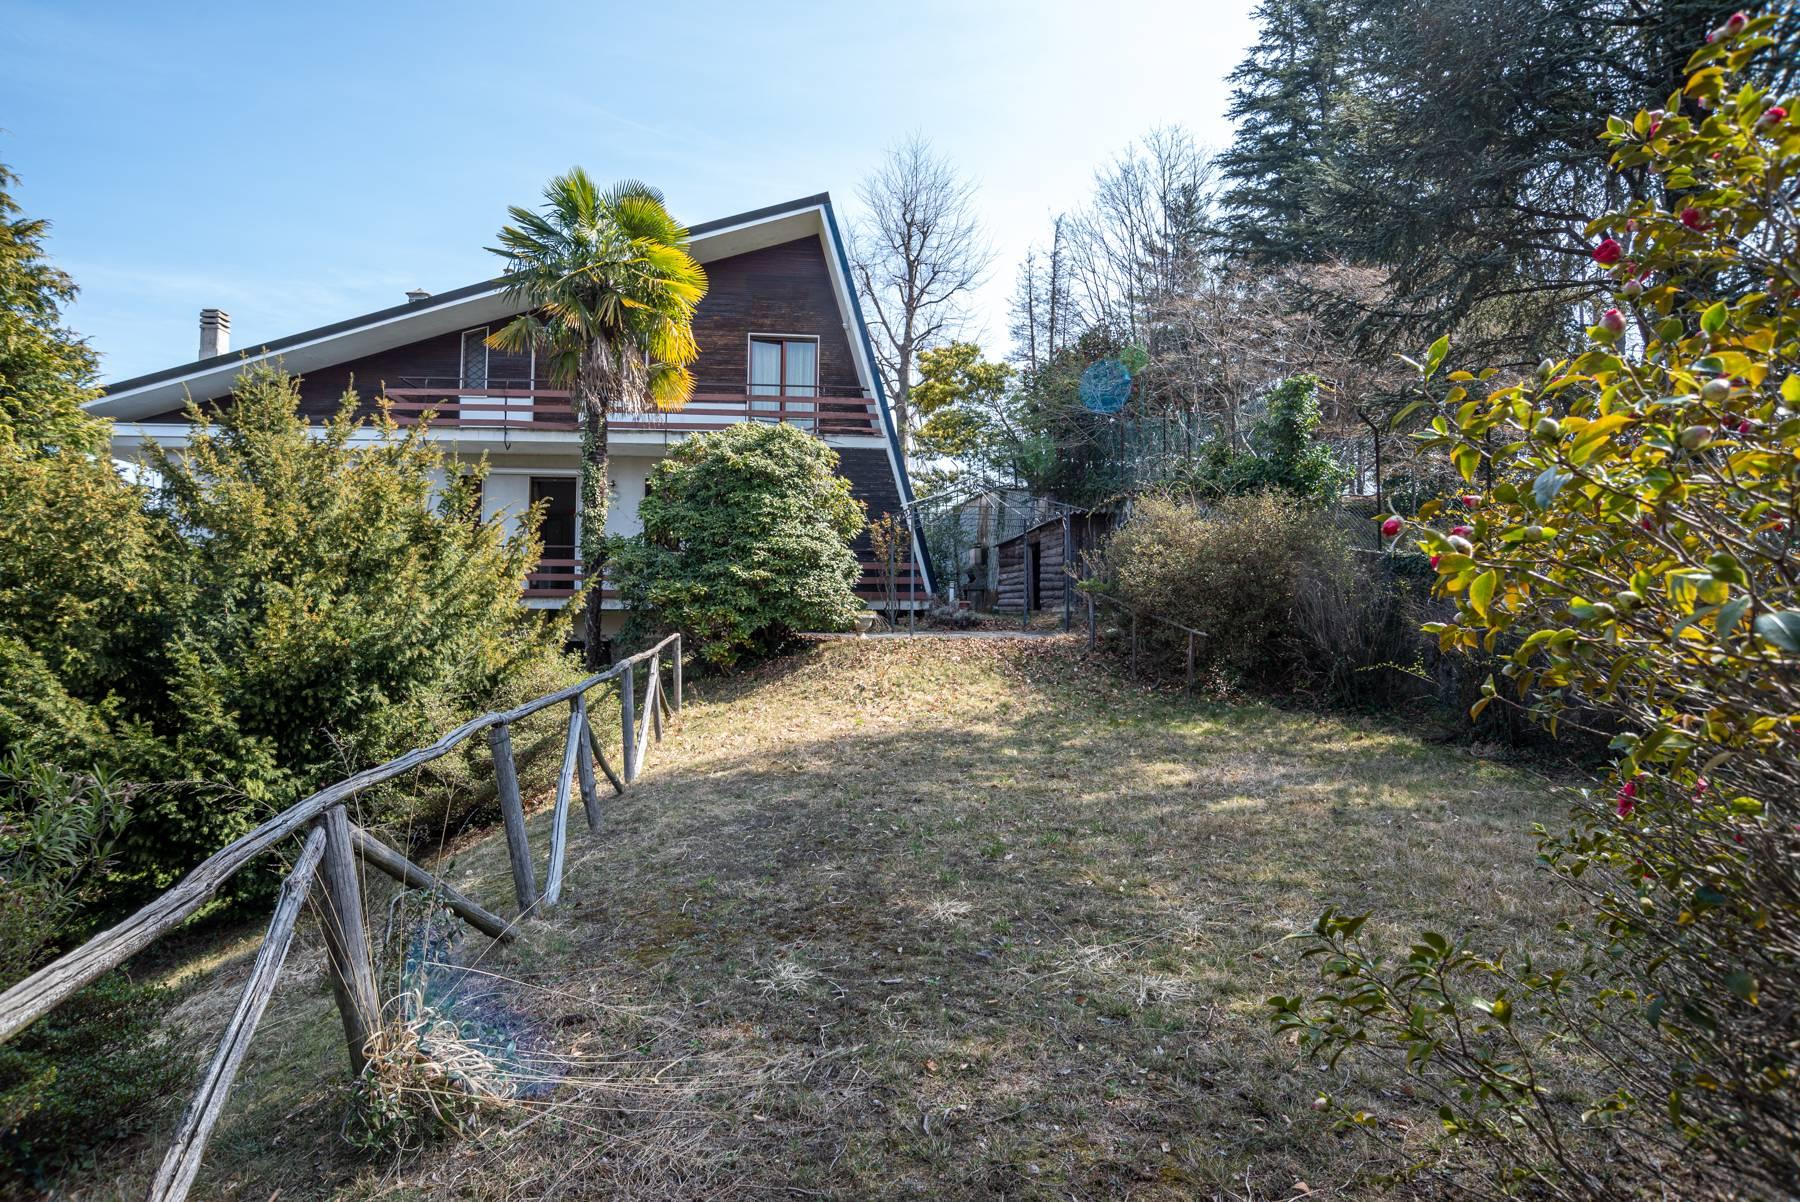 Villa in Vendita a Arona: 5 locali, 350 mq - Foto 25